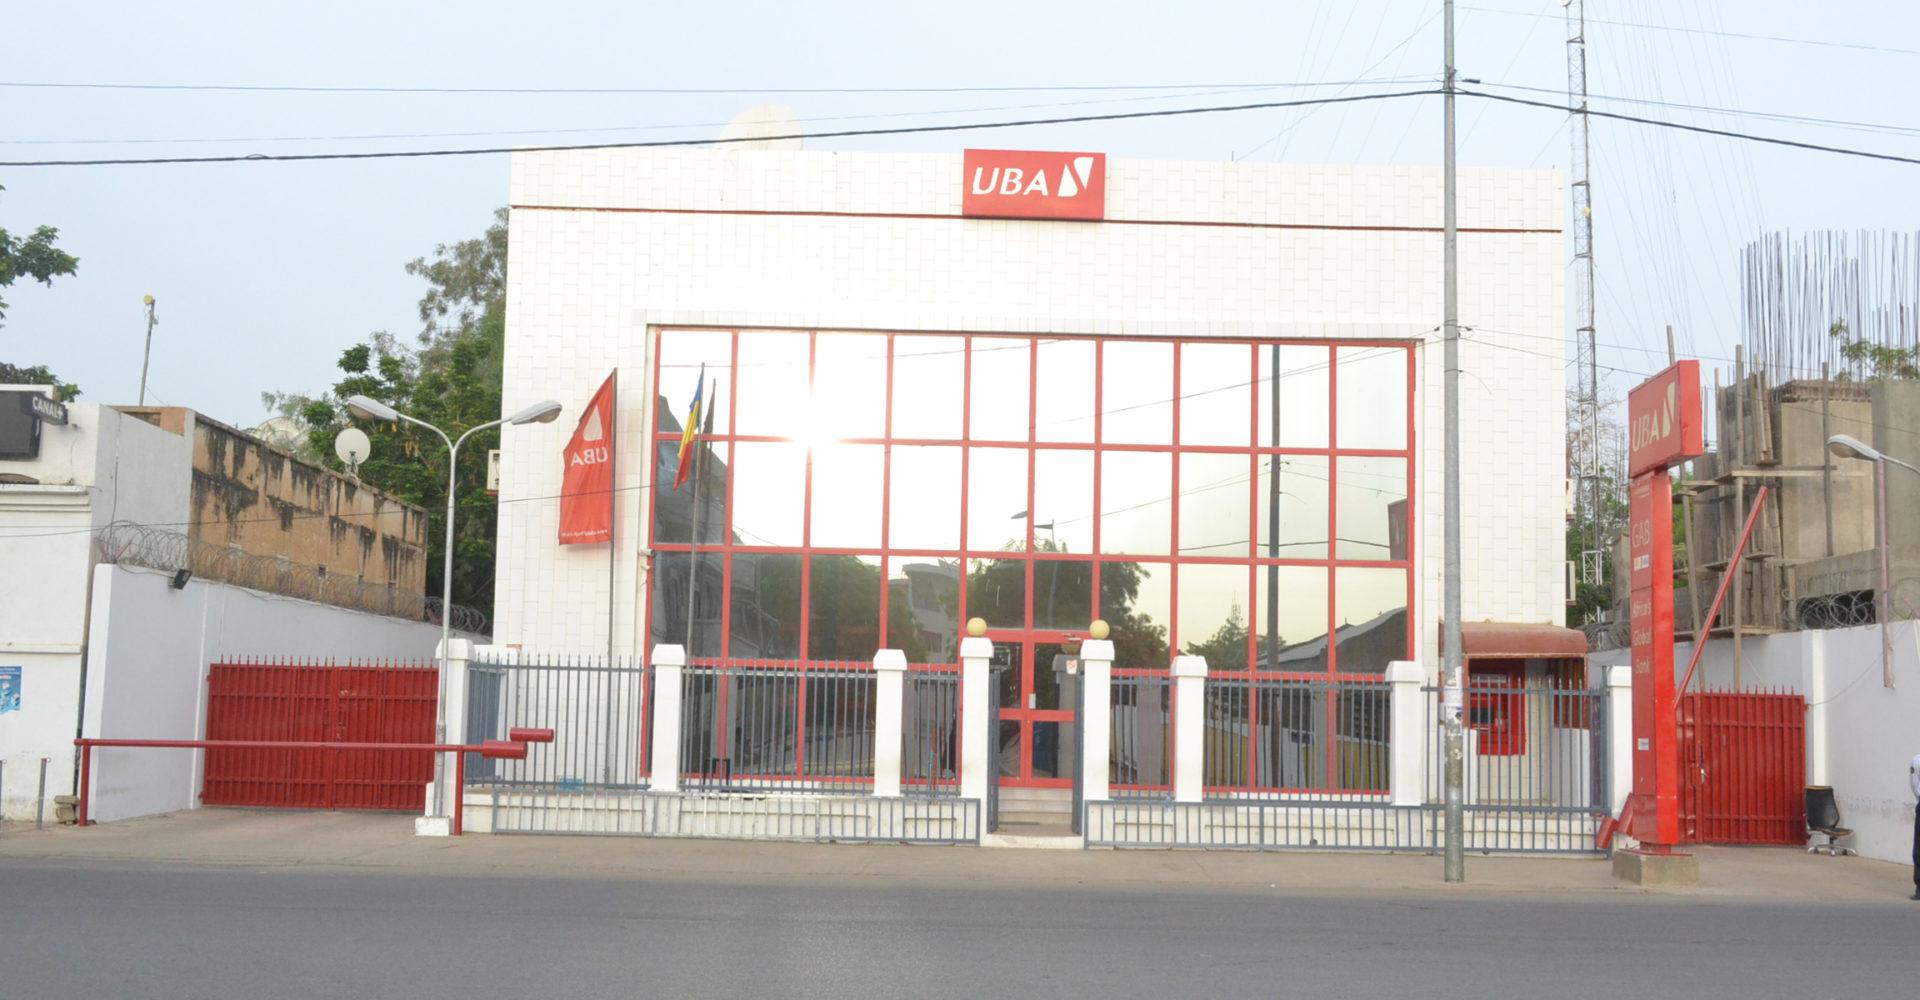 UBA primé pour son appui aux communautés et sa bonne collaboration avec sa clientèle. 1